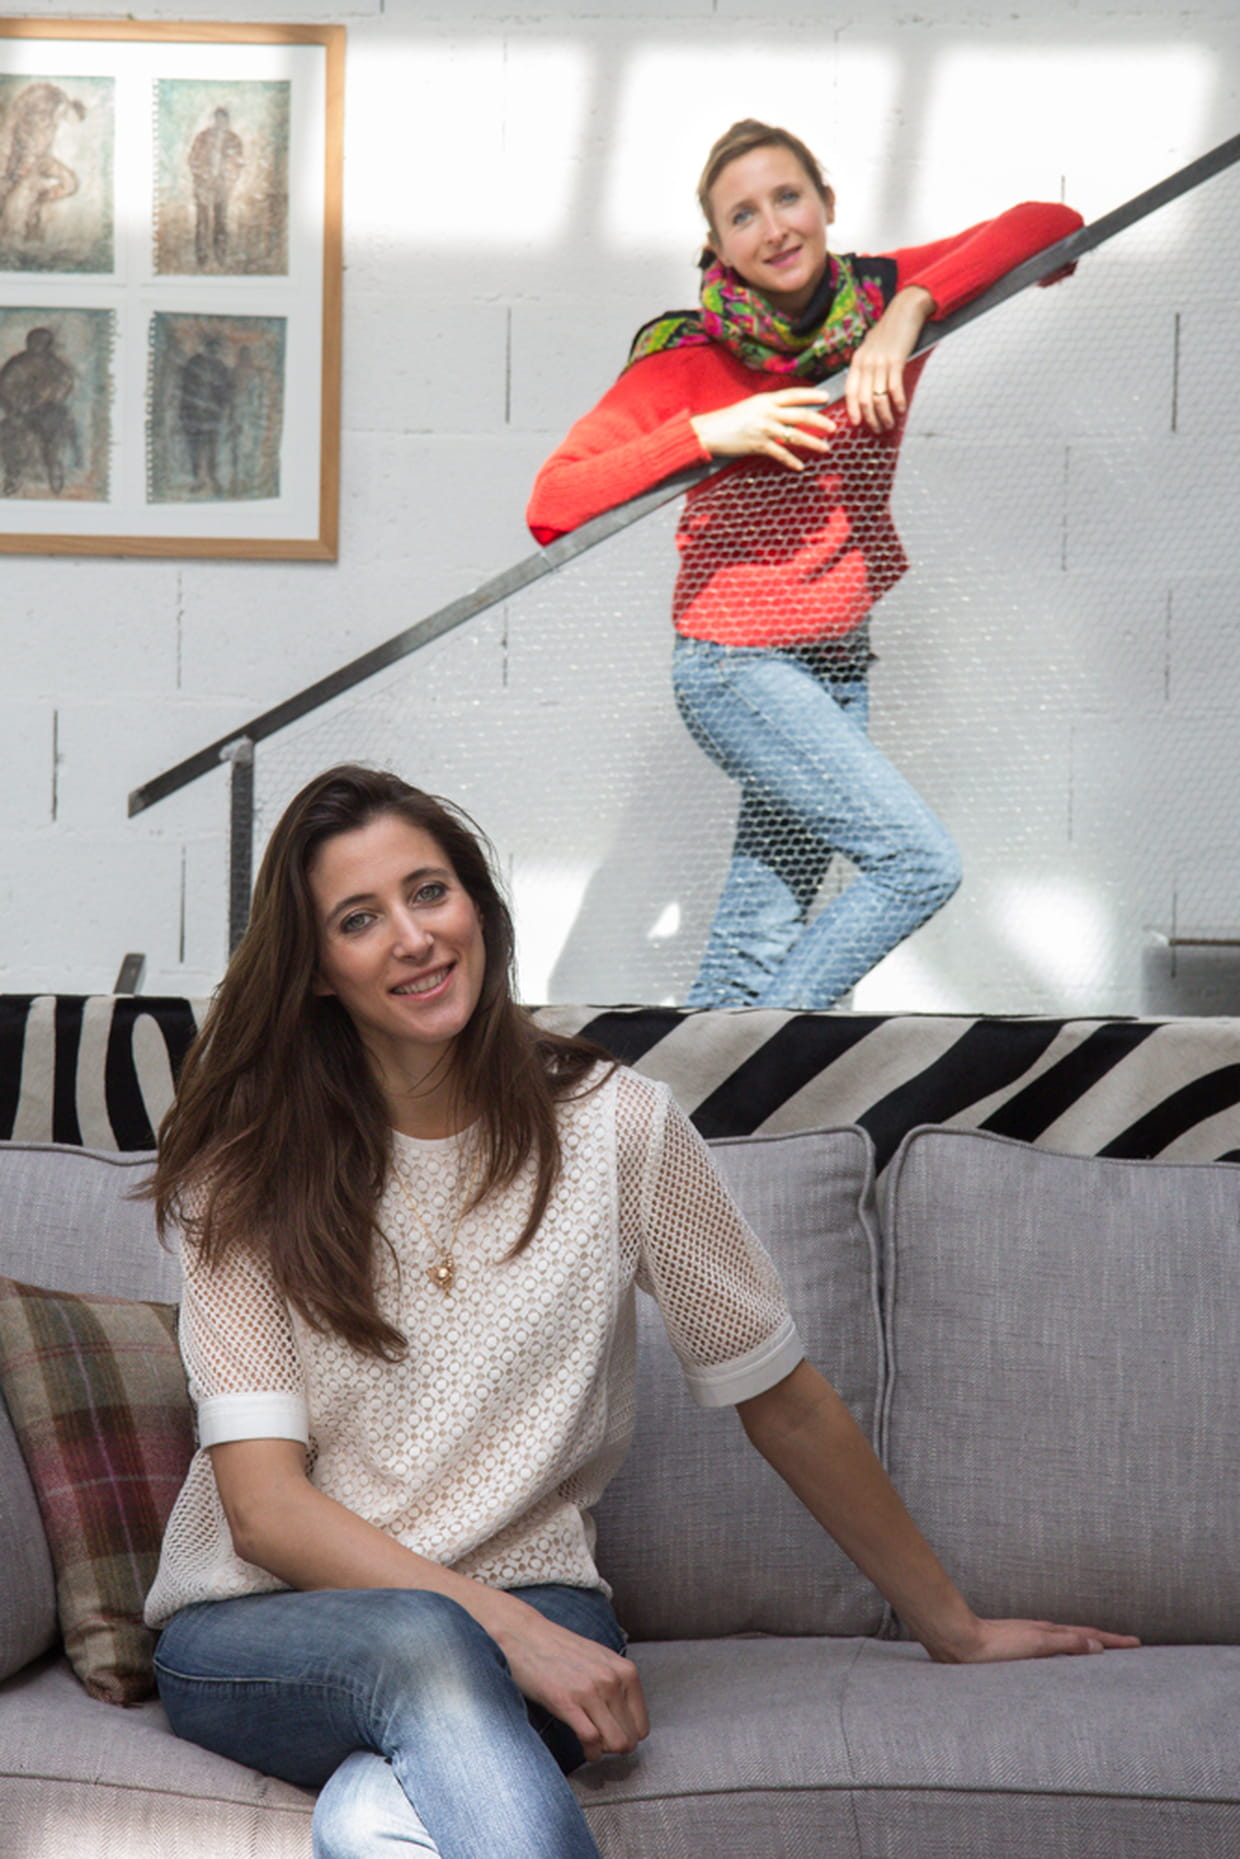 la d co un lien fort entre deux soeurs. Black Bedroom Furniture Sets. Home Design Ideas